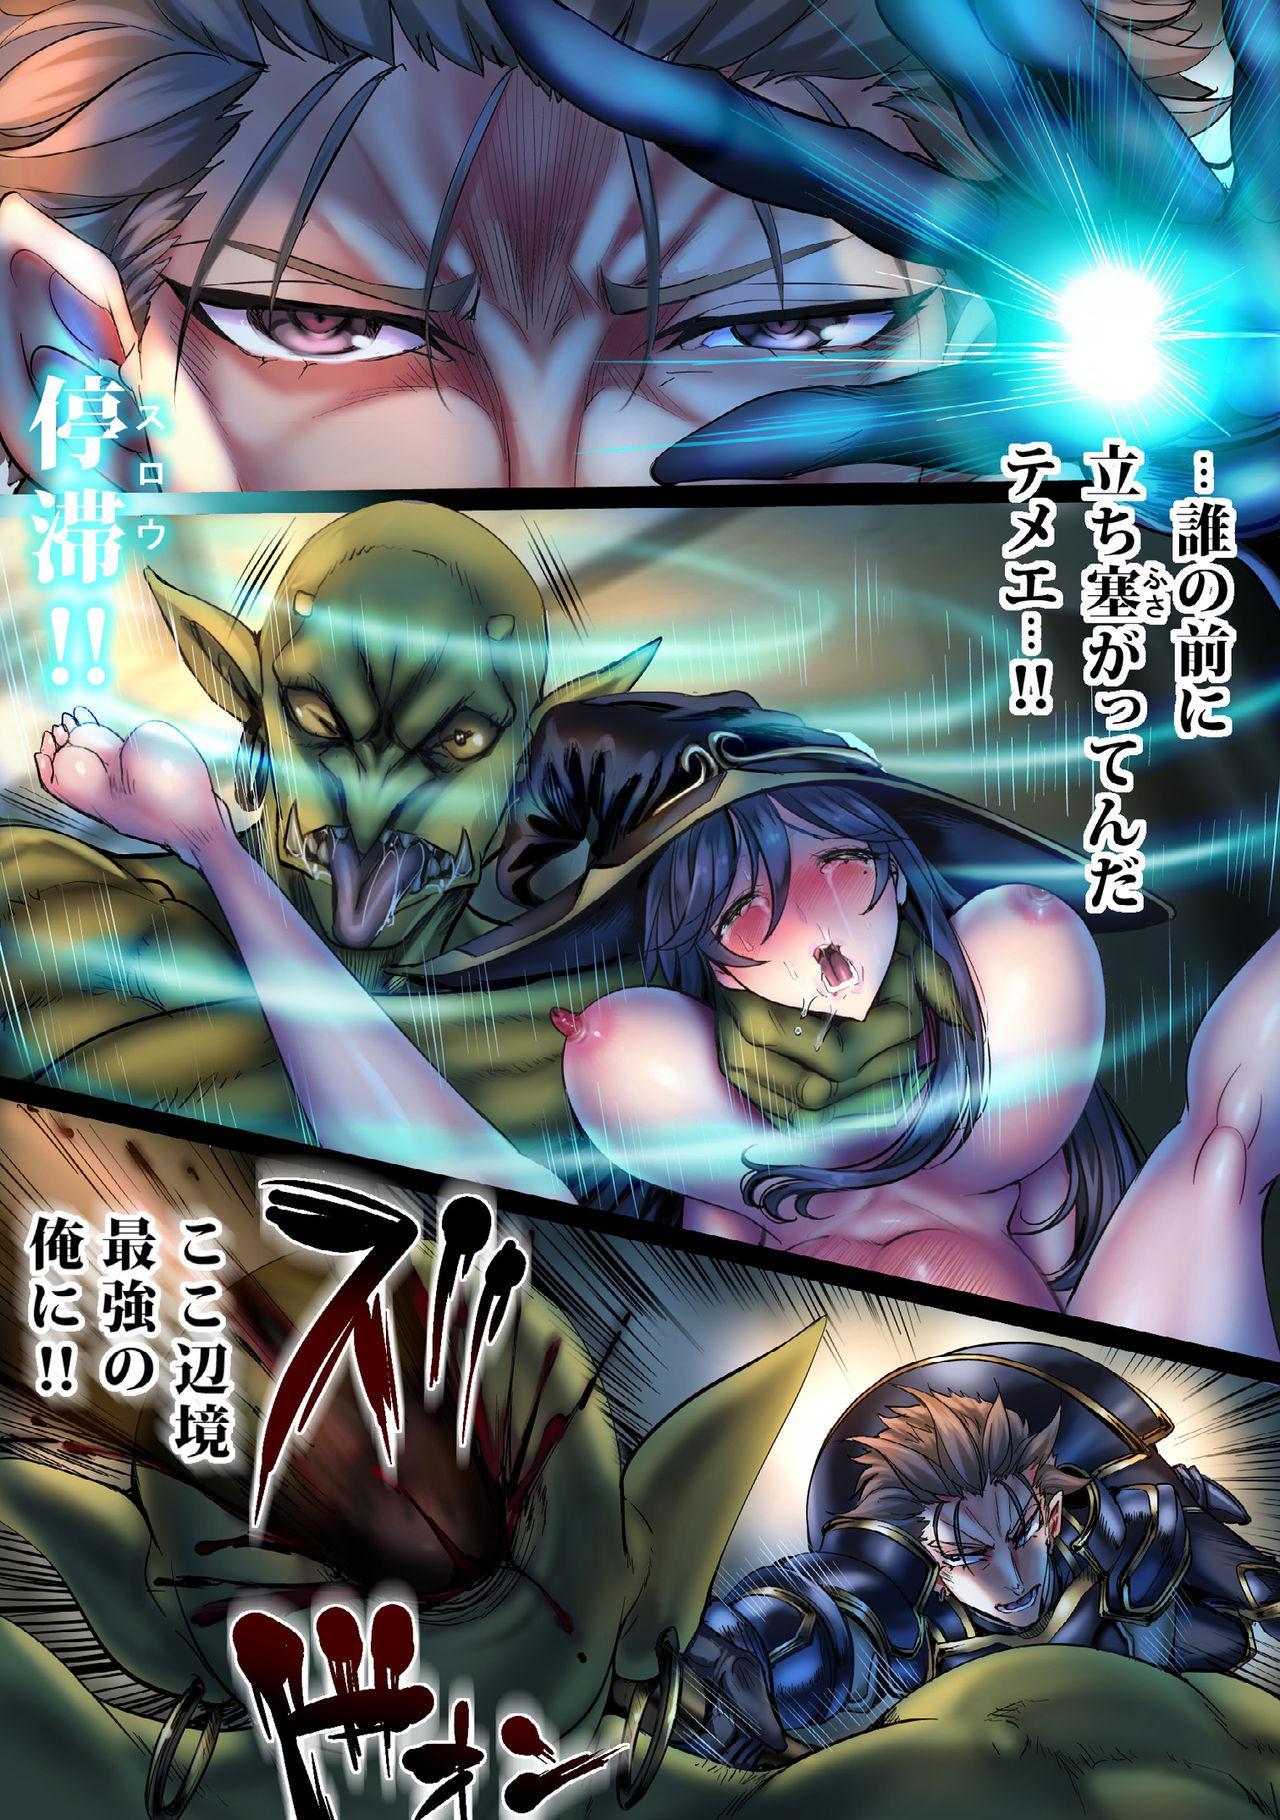 Zenmetsu Party Rape 4 23